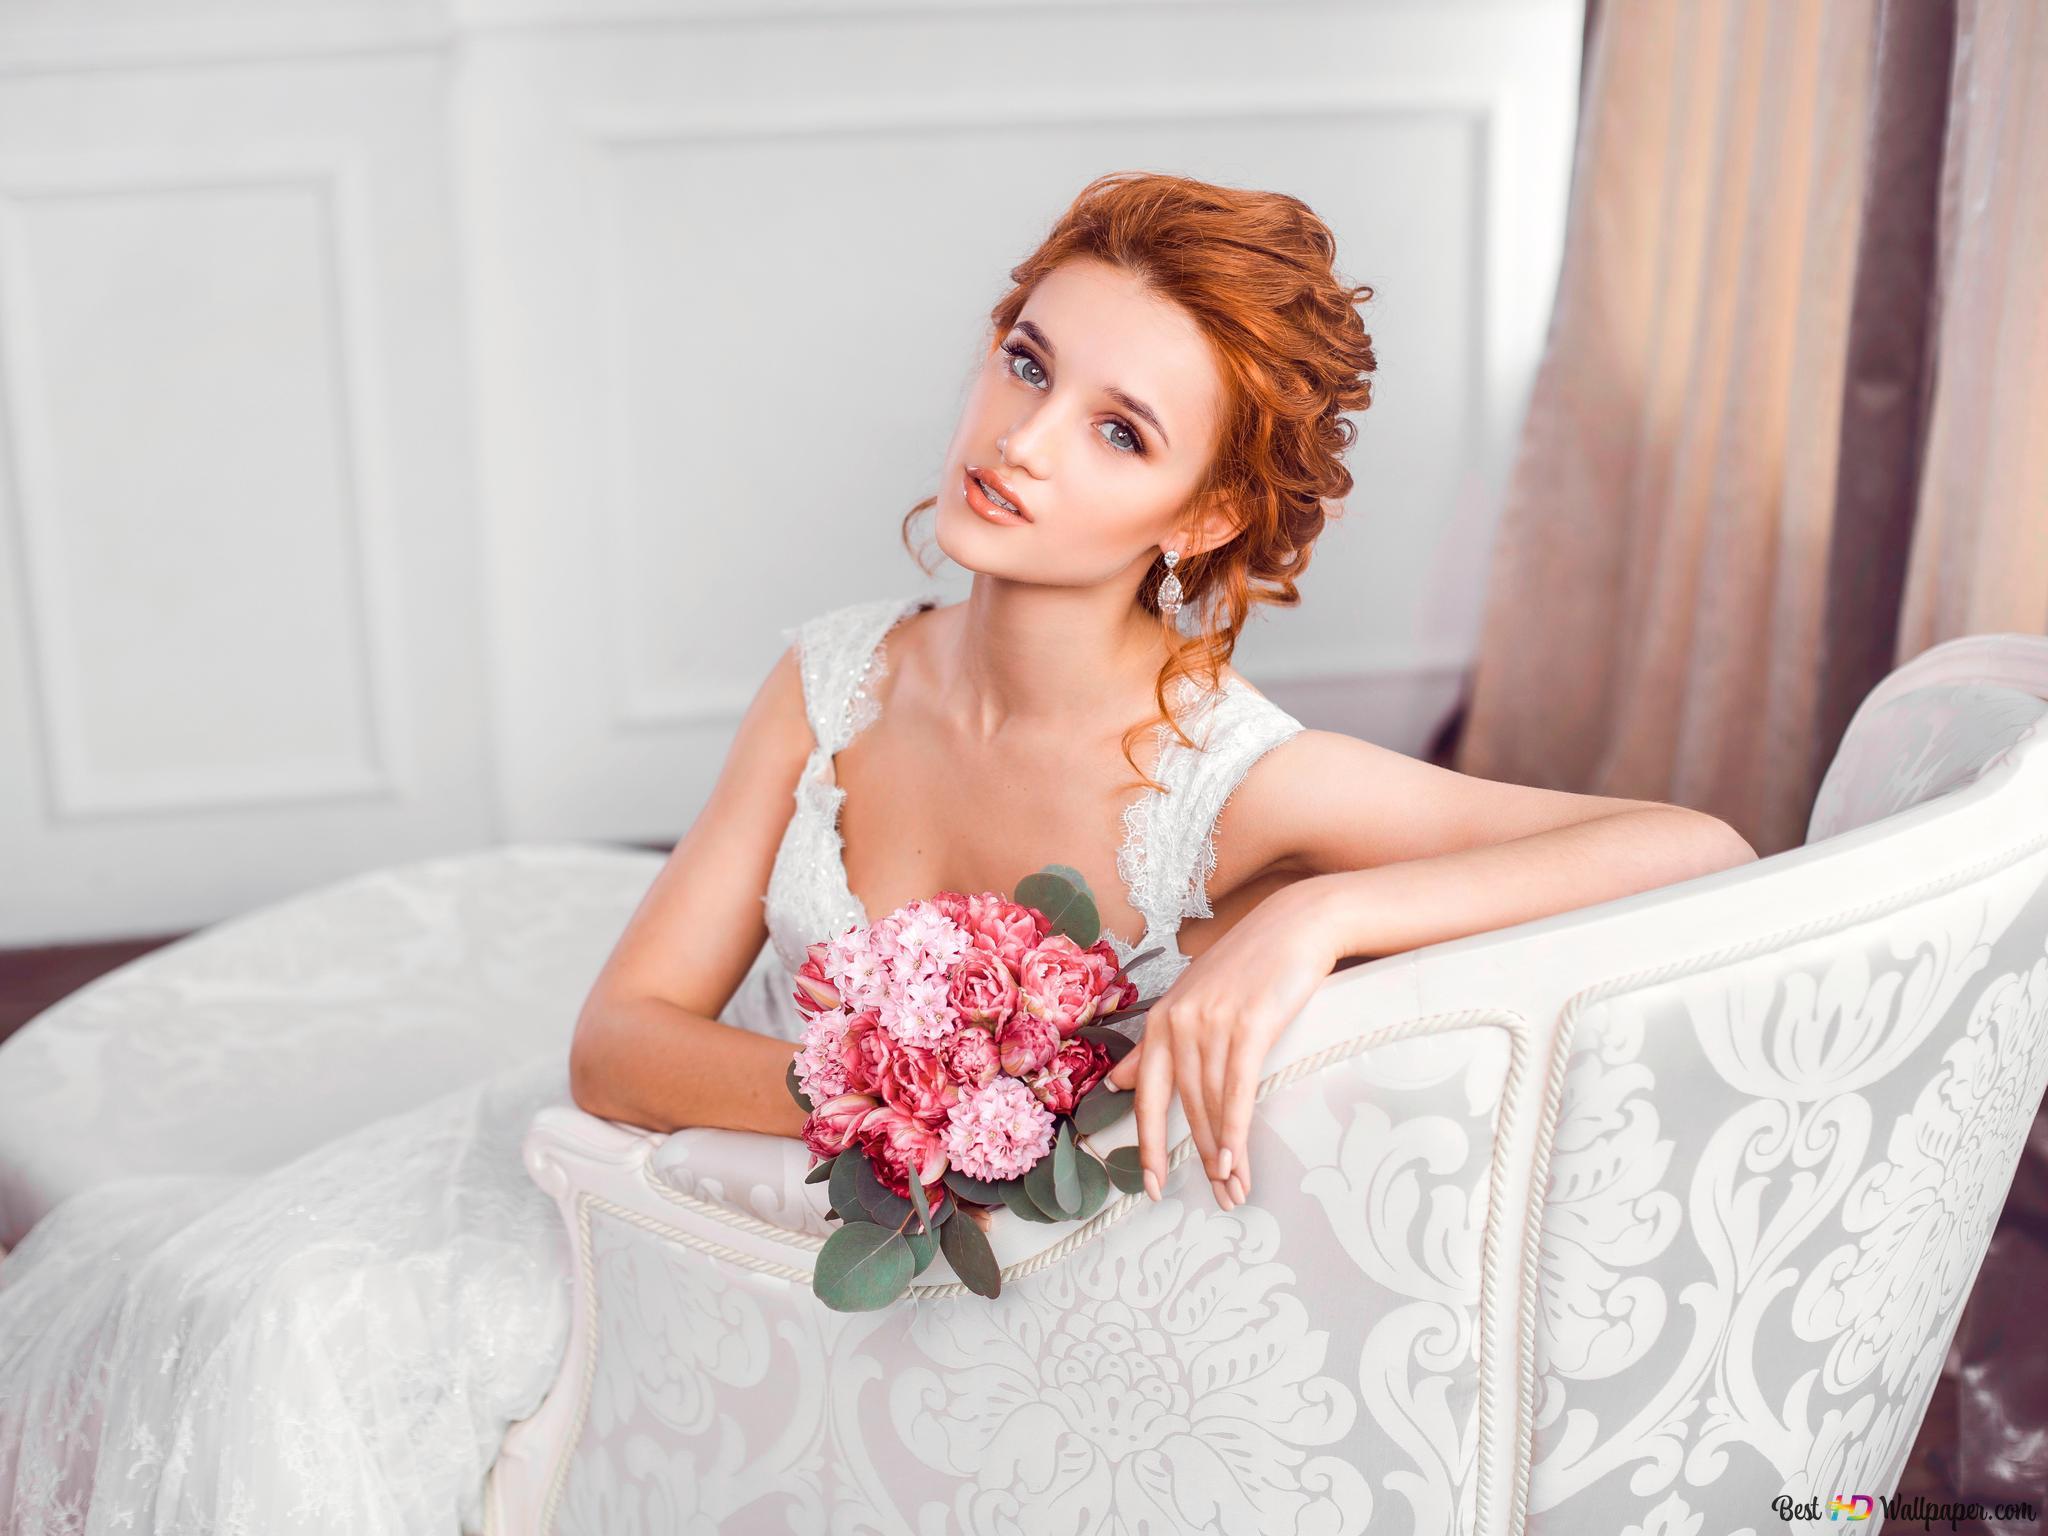 花嫁 ウェディングドレス Hd壁紙のダウンロード